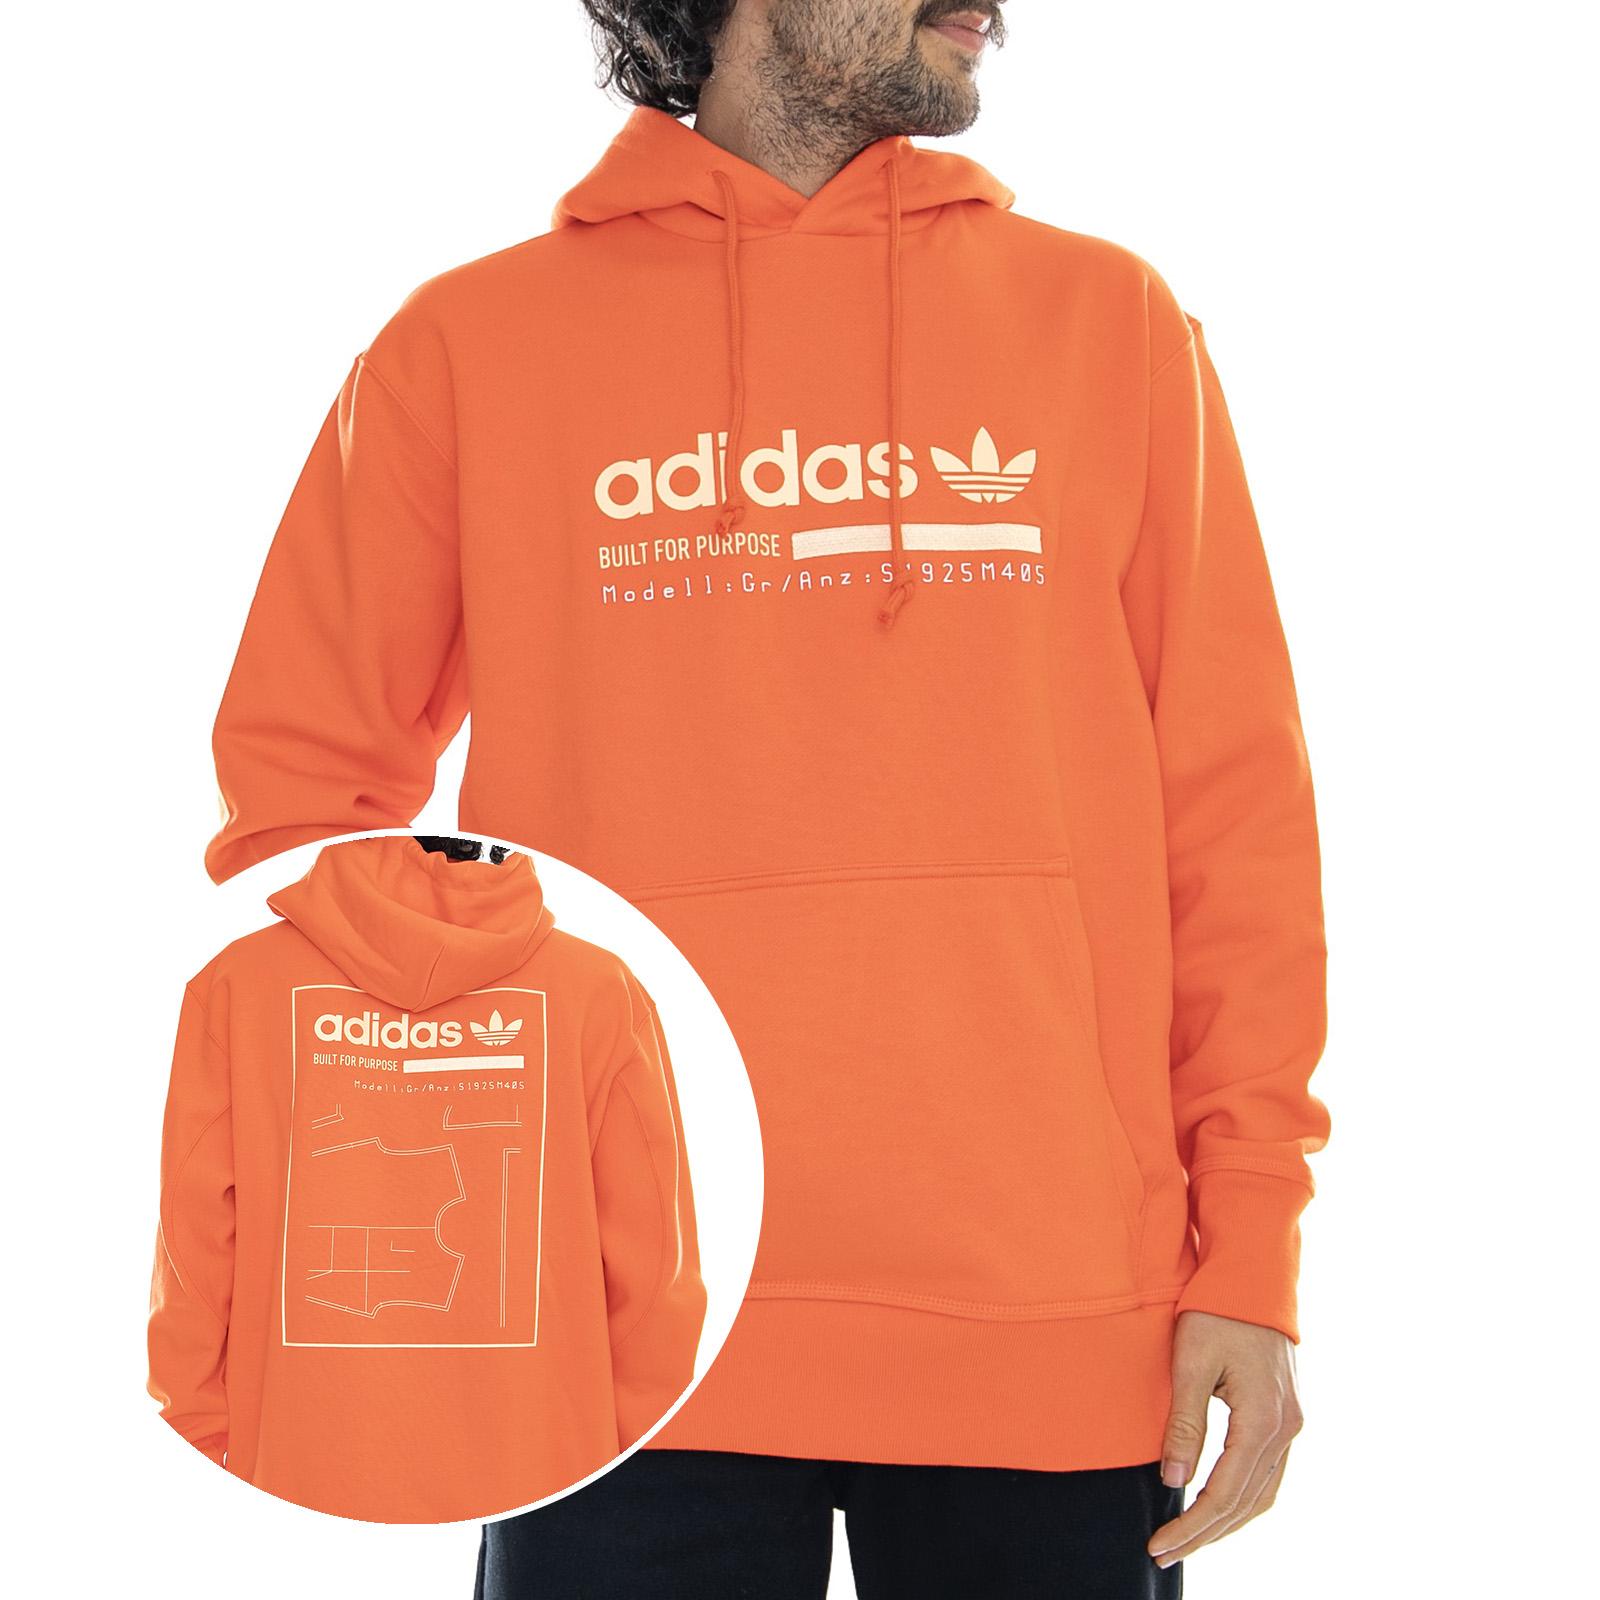 felpa adidas uomo arancione